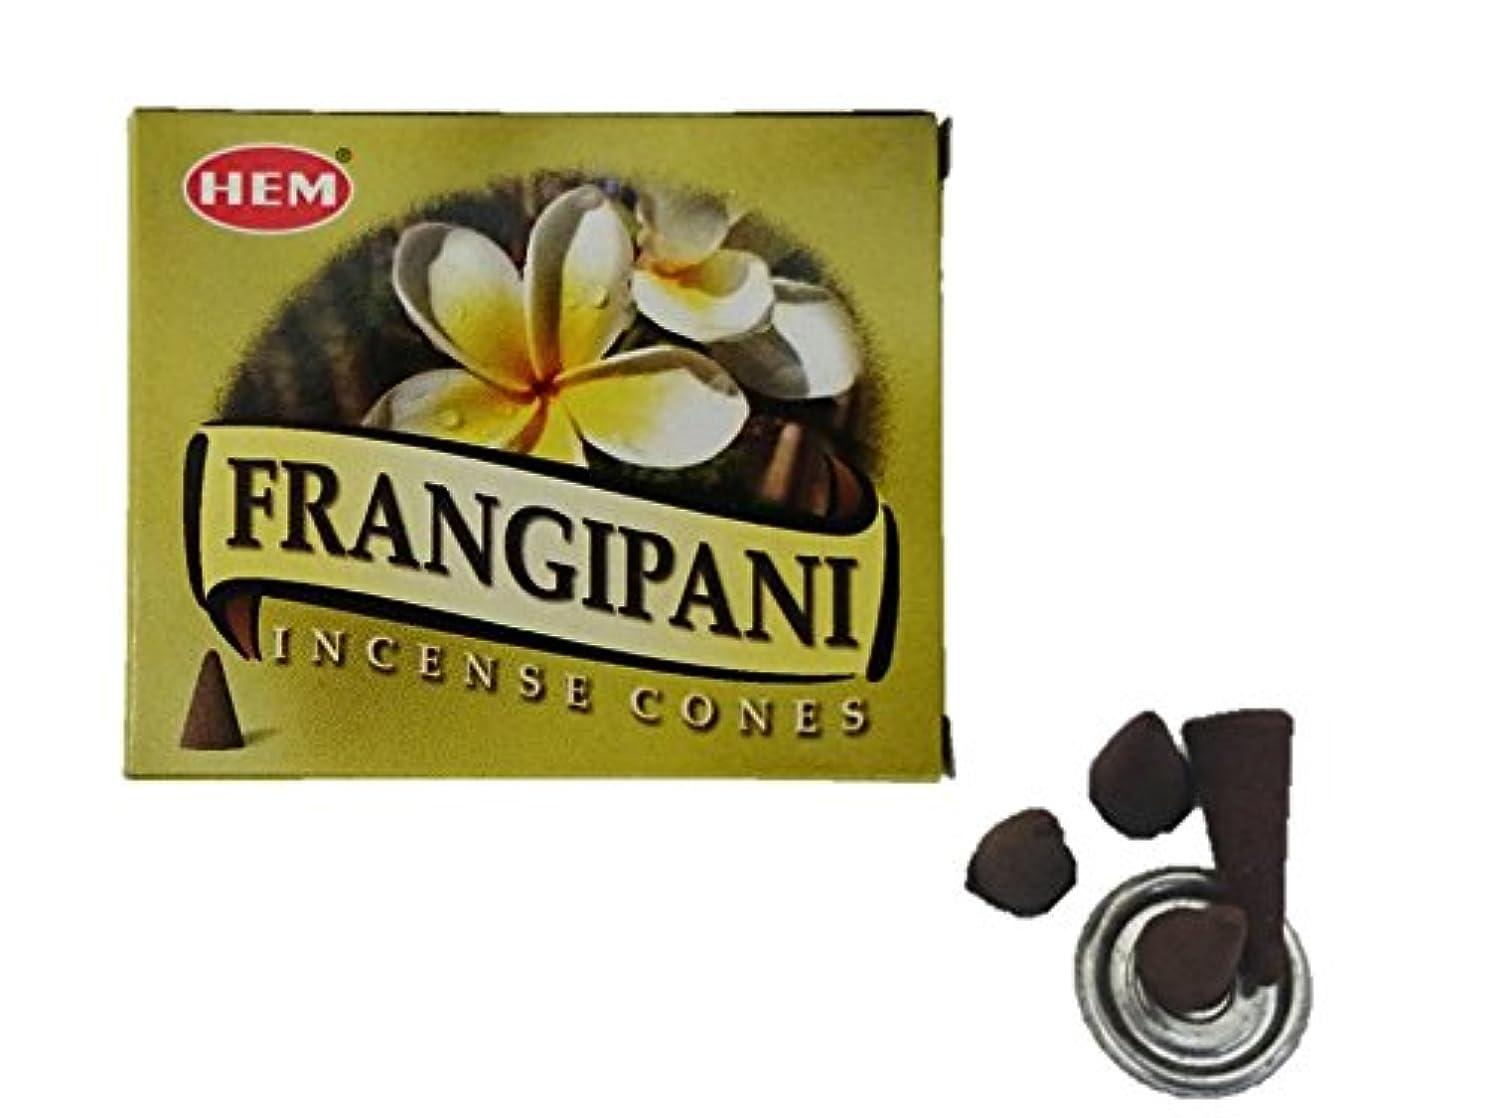 バレル咽頭慣習HEM(ヘム)お香 フランジパニ コーン 1箱